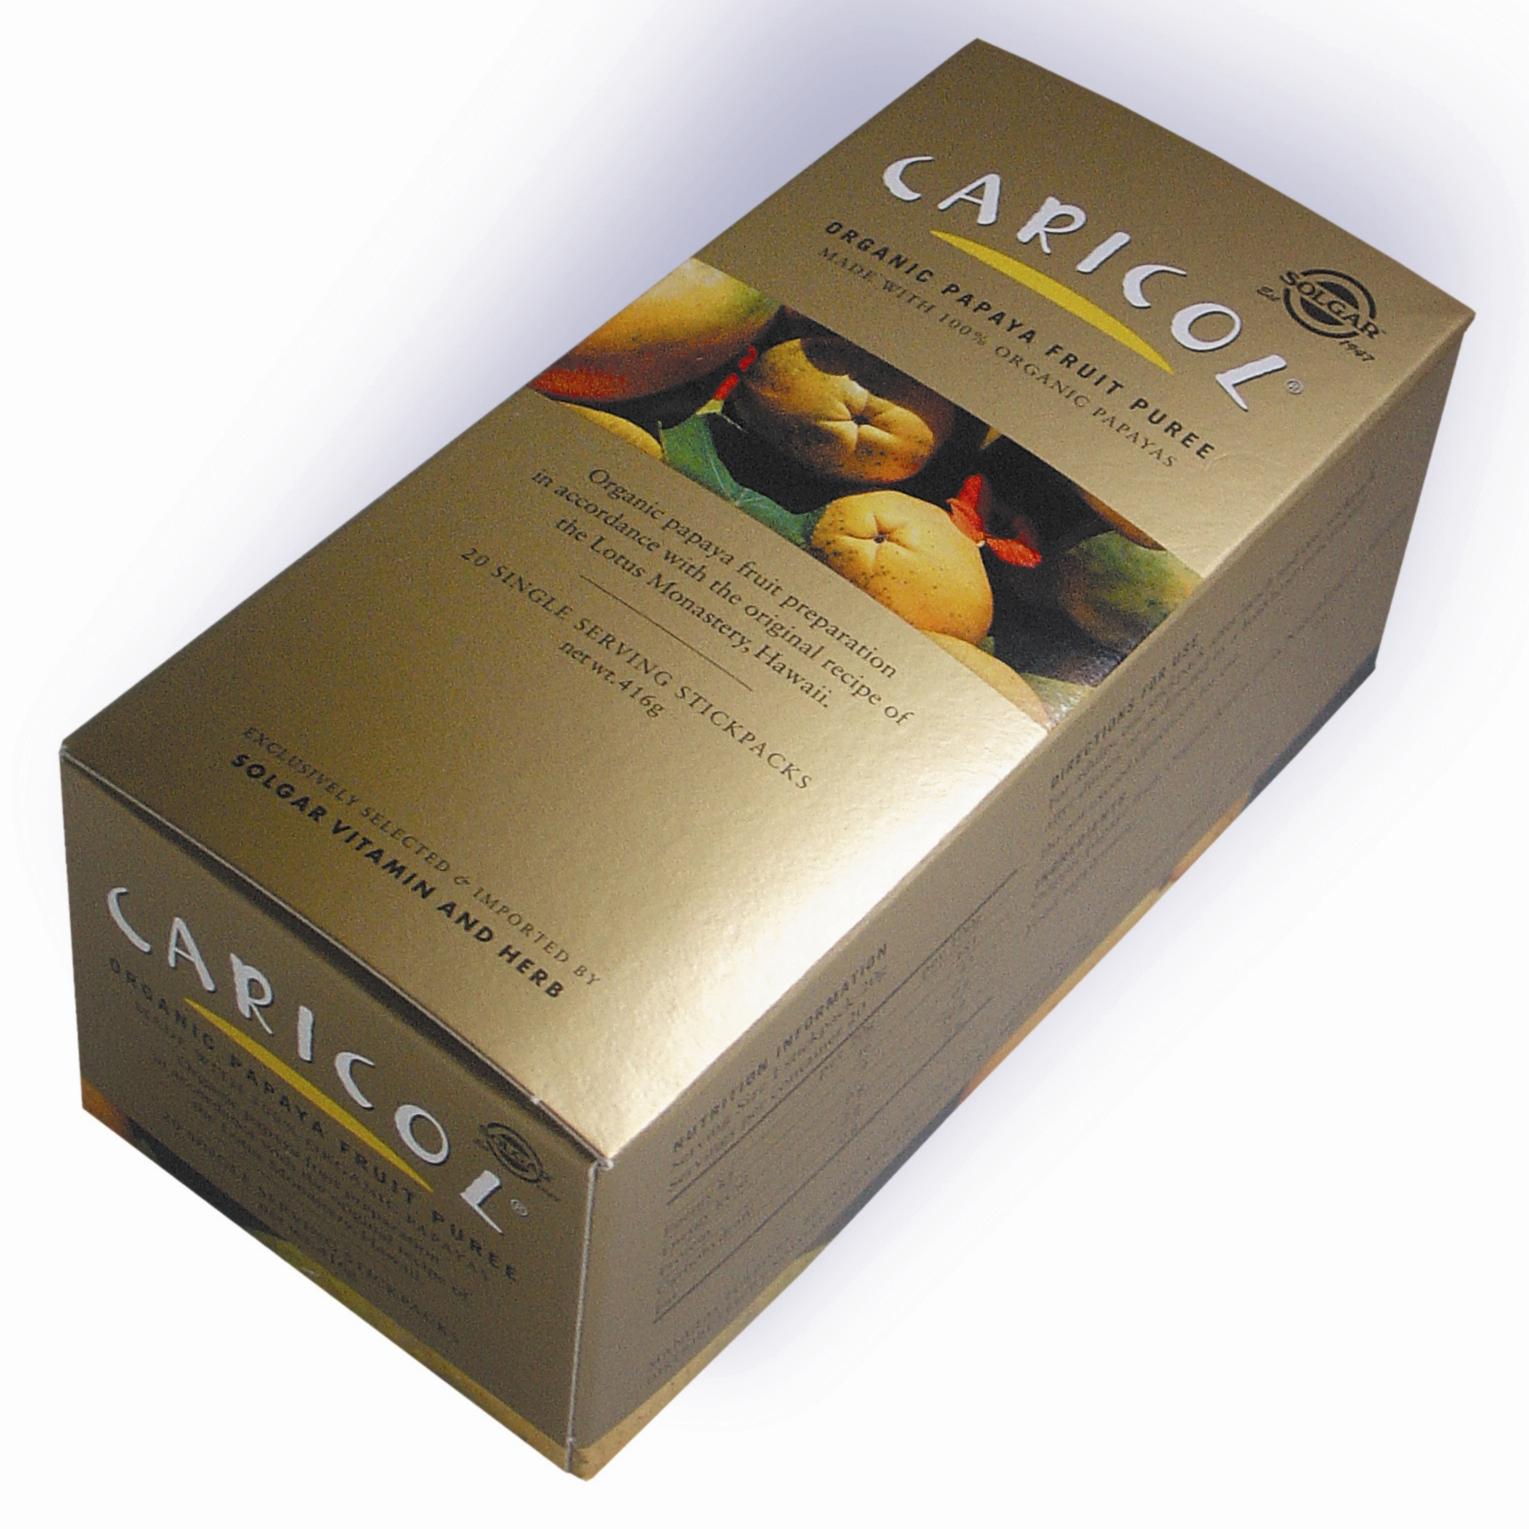 Solgar Caricol Συμπλήρωμα Διατροφής που Βοηθά στη Βελτίωση της Πέψης & στη Καλύτερη Διάσπαση των Πρωτεϊνών20 stickpacks 1079